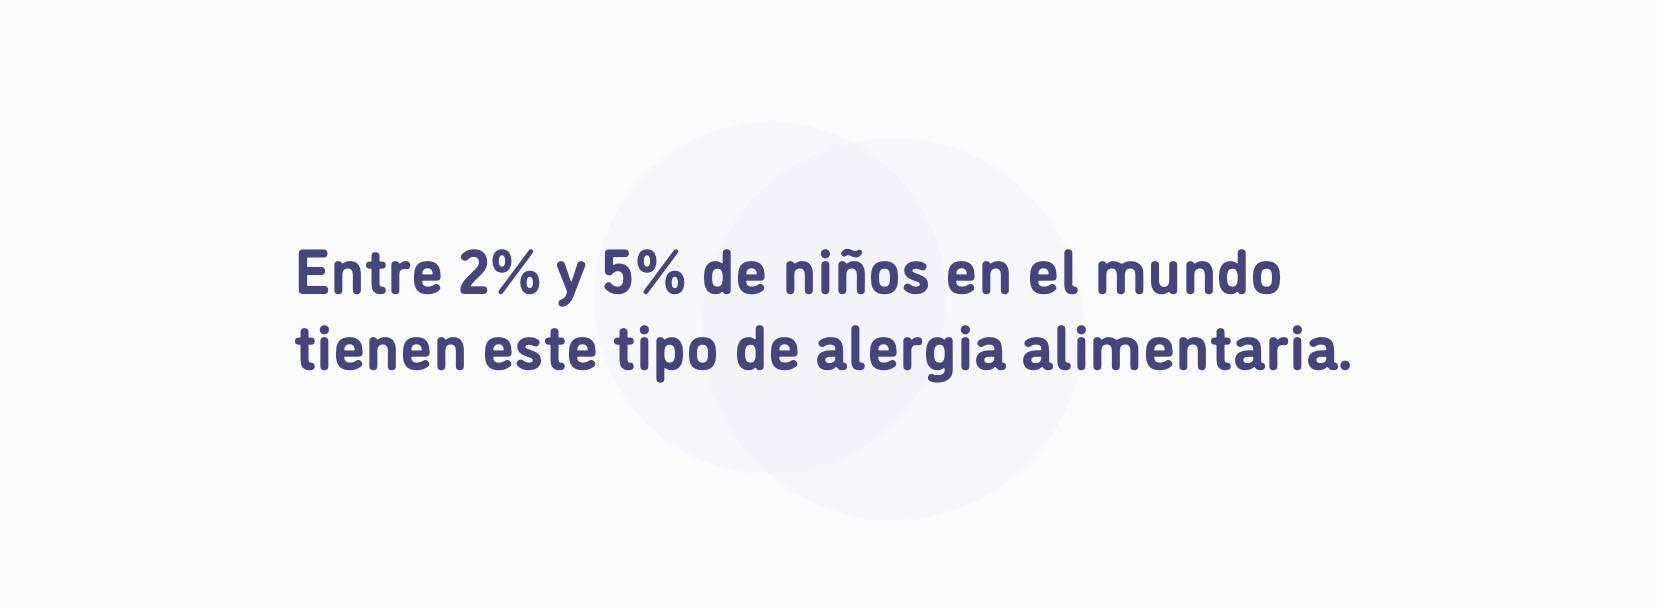 Entre el 2% y el 5% de niños en el mundo tienen este tipo de alergia alimentaria